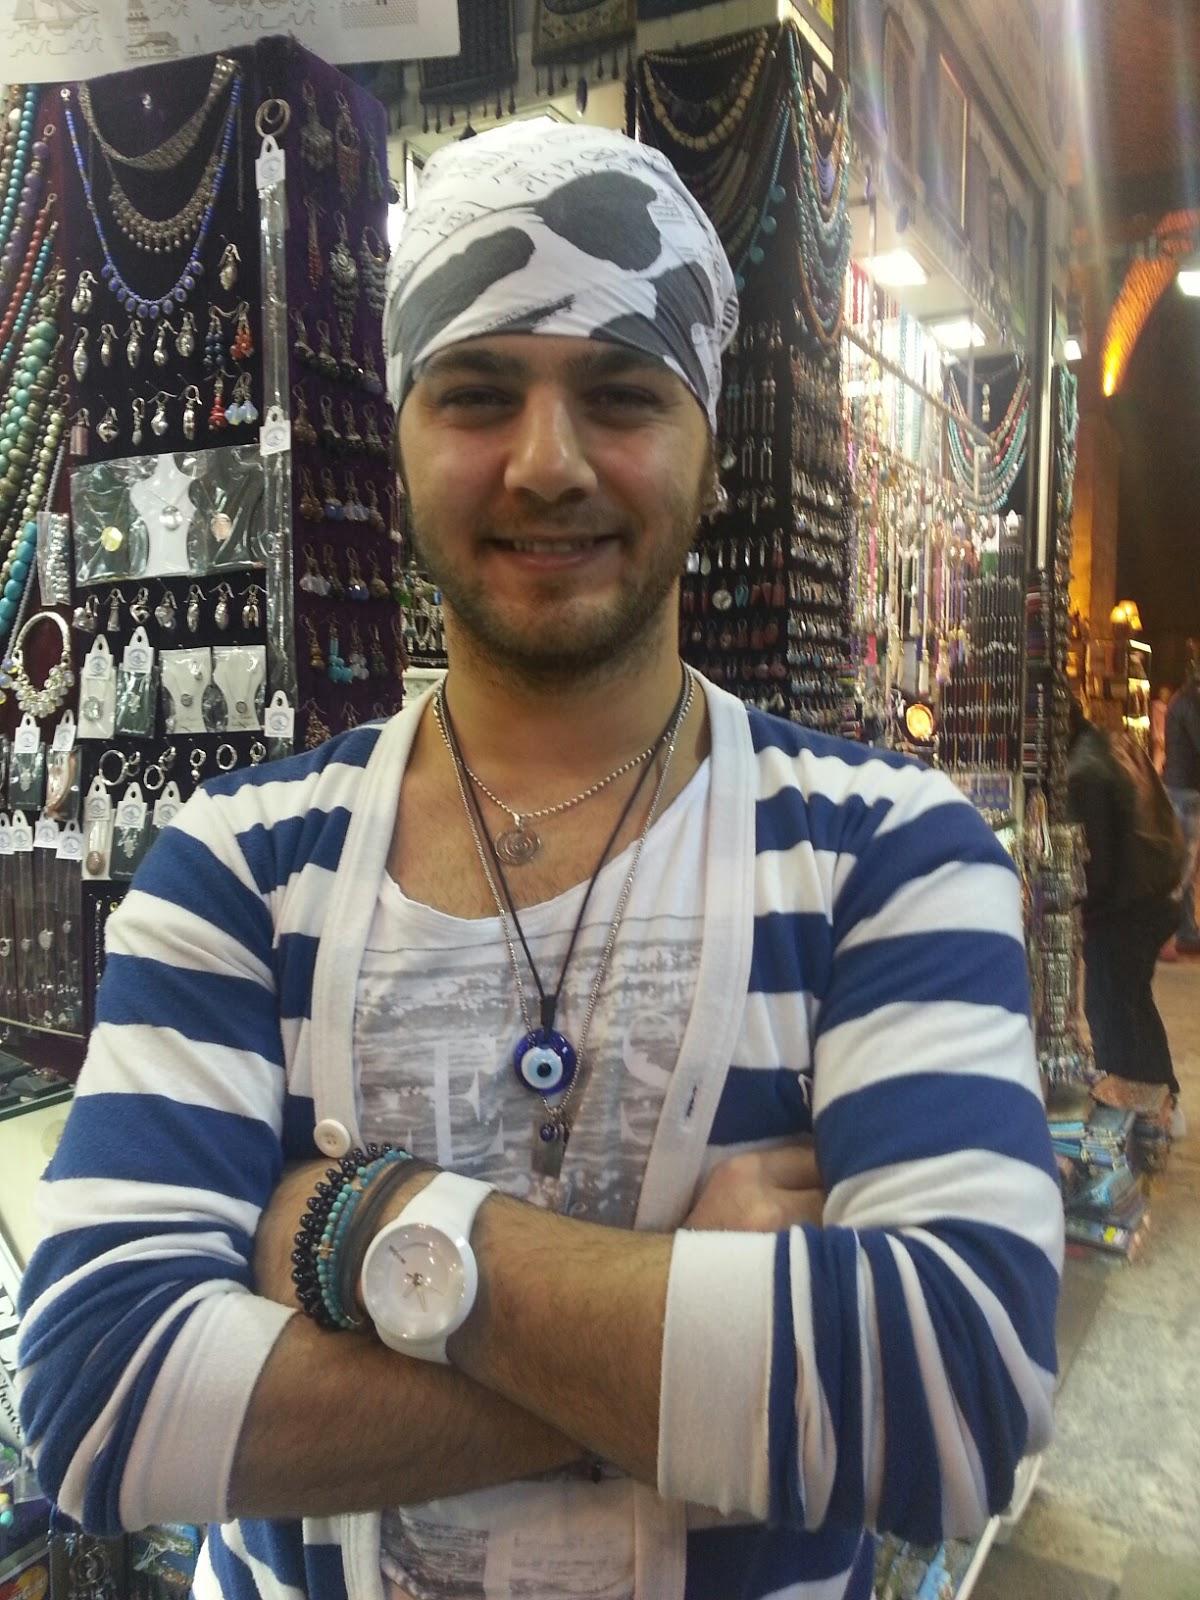 Erdem Balci en su tienda del Gran Bazar de Estambul. Esmeralda Diaz-Aroca